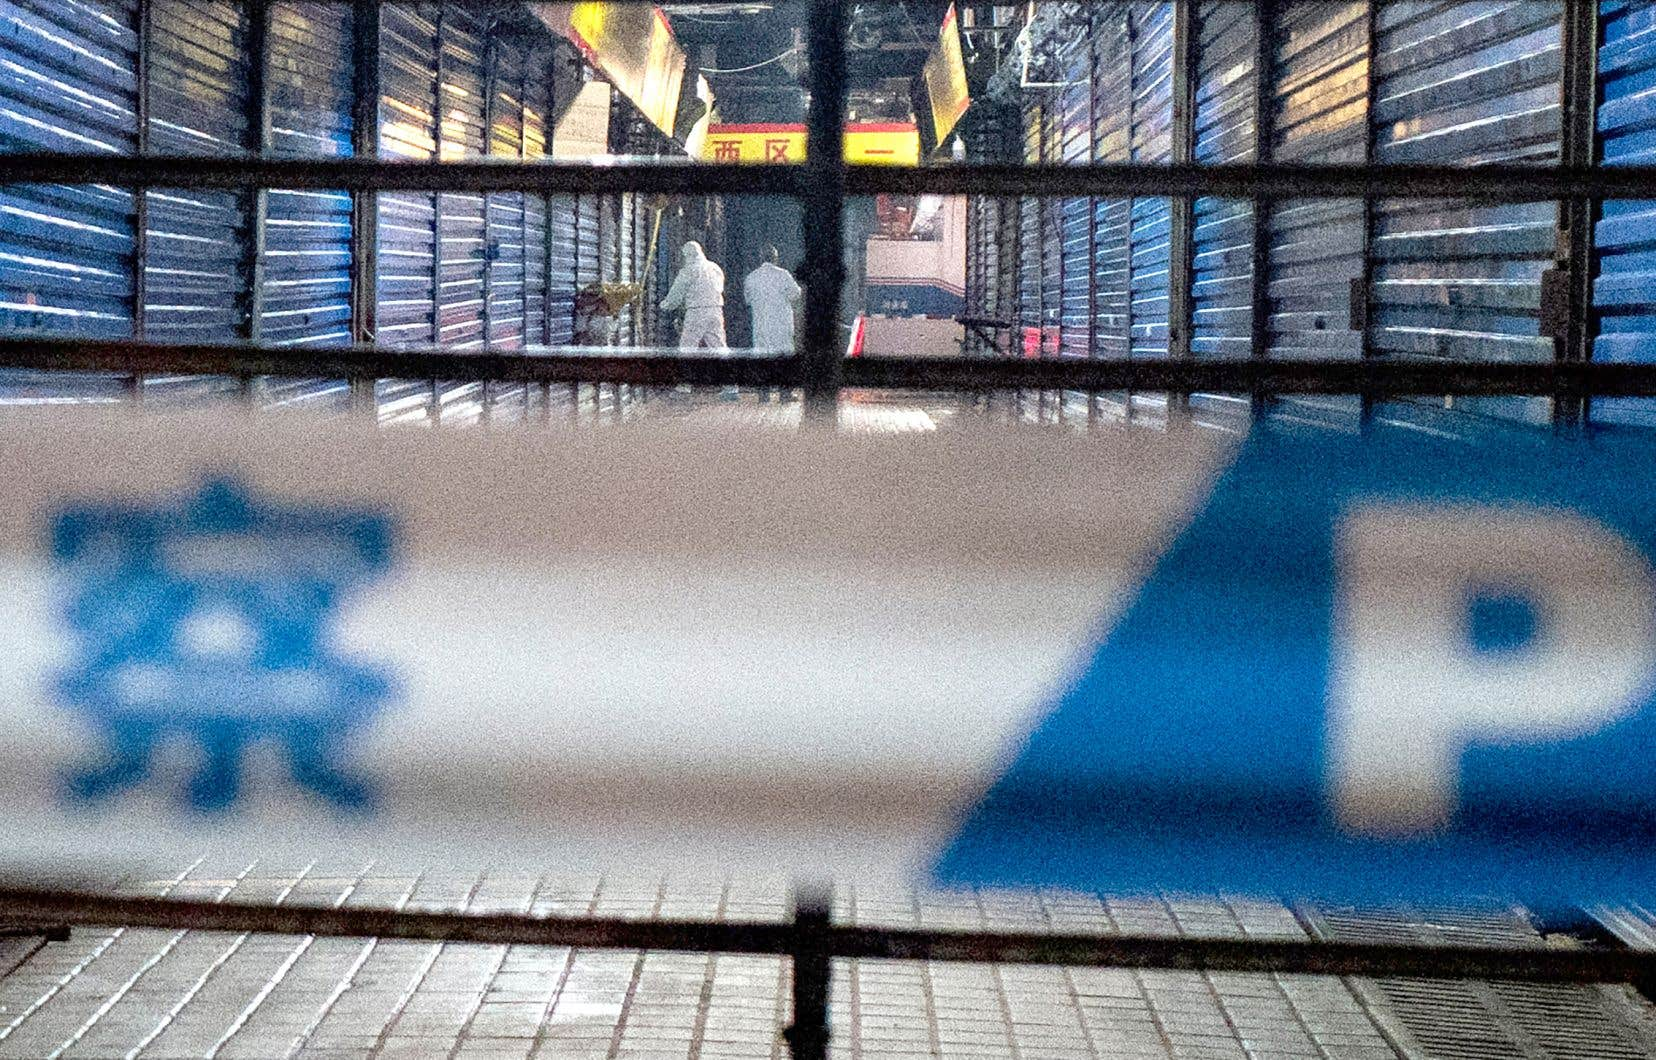 Le marché de fruits de mer de Wuhan, que fréquentait régulièrement un homme décédé en lien avec le coronavirus, a été fermé pour des fins d'enquête.